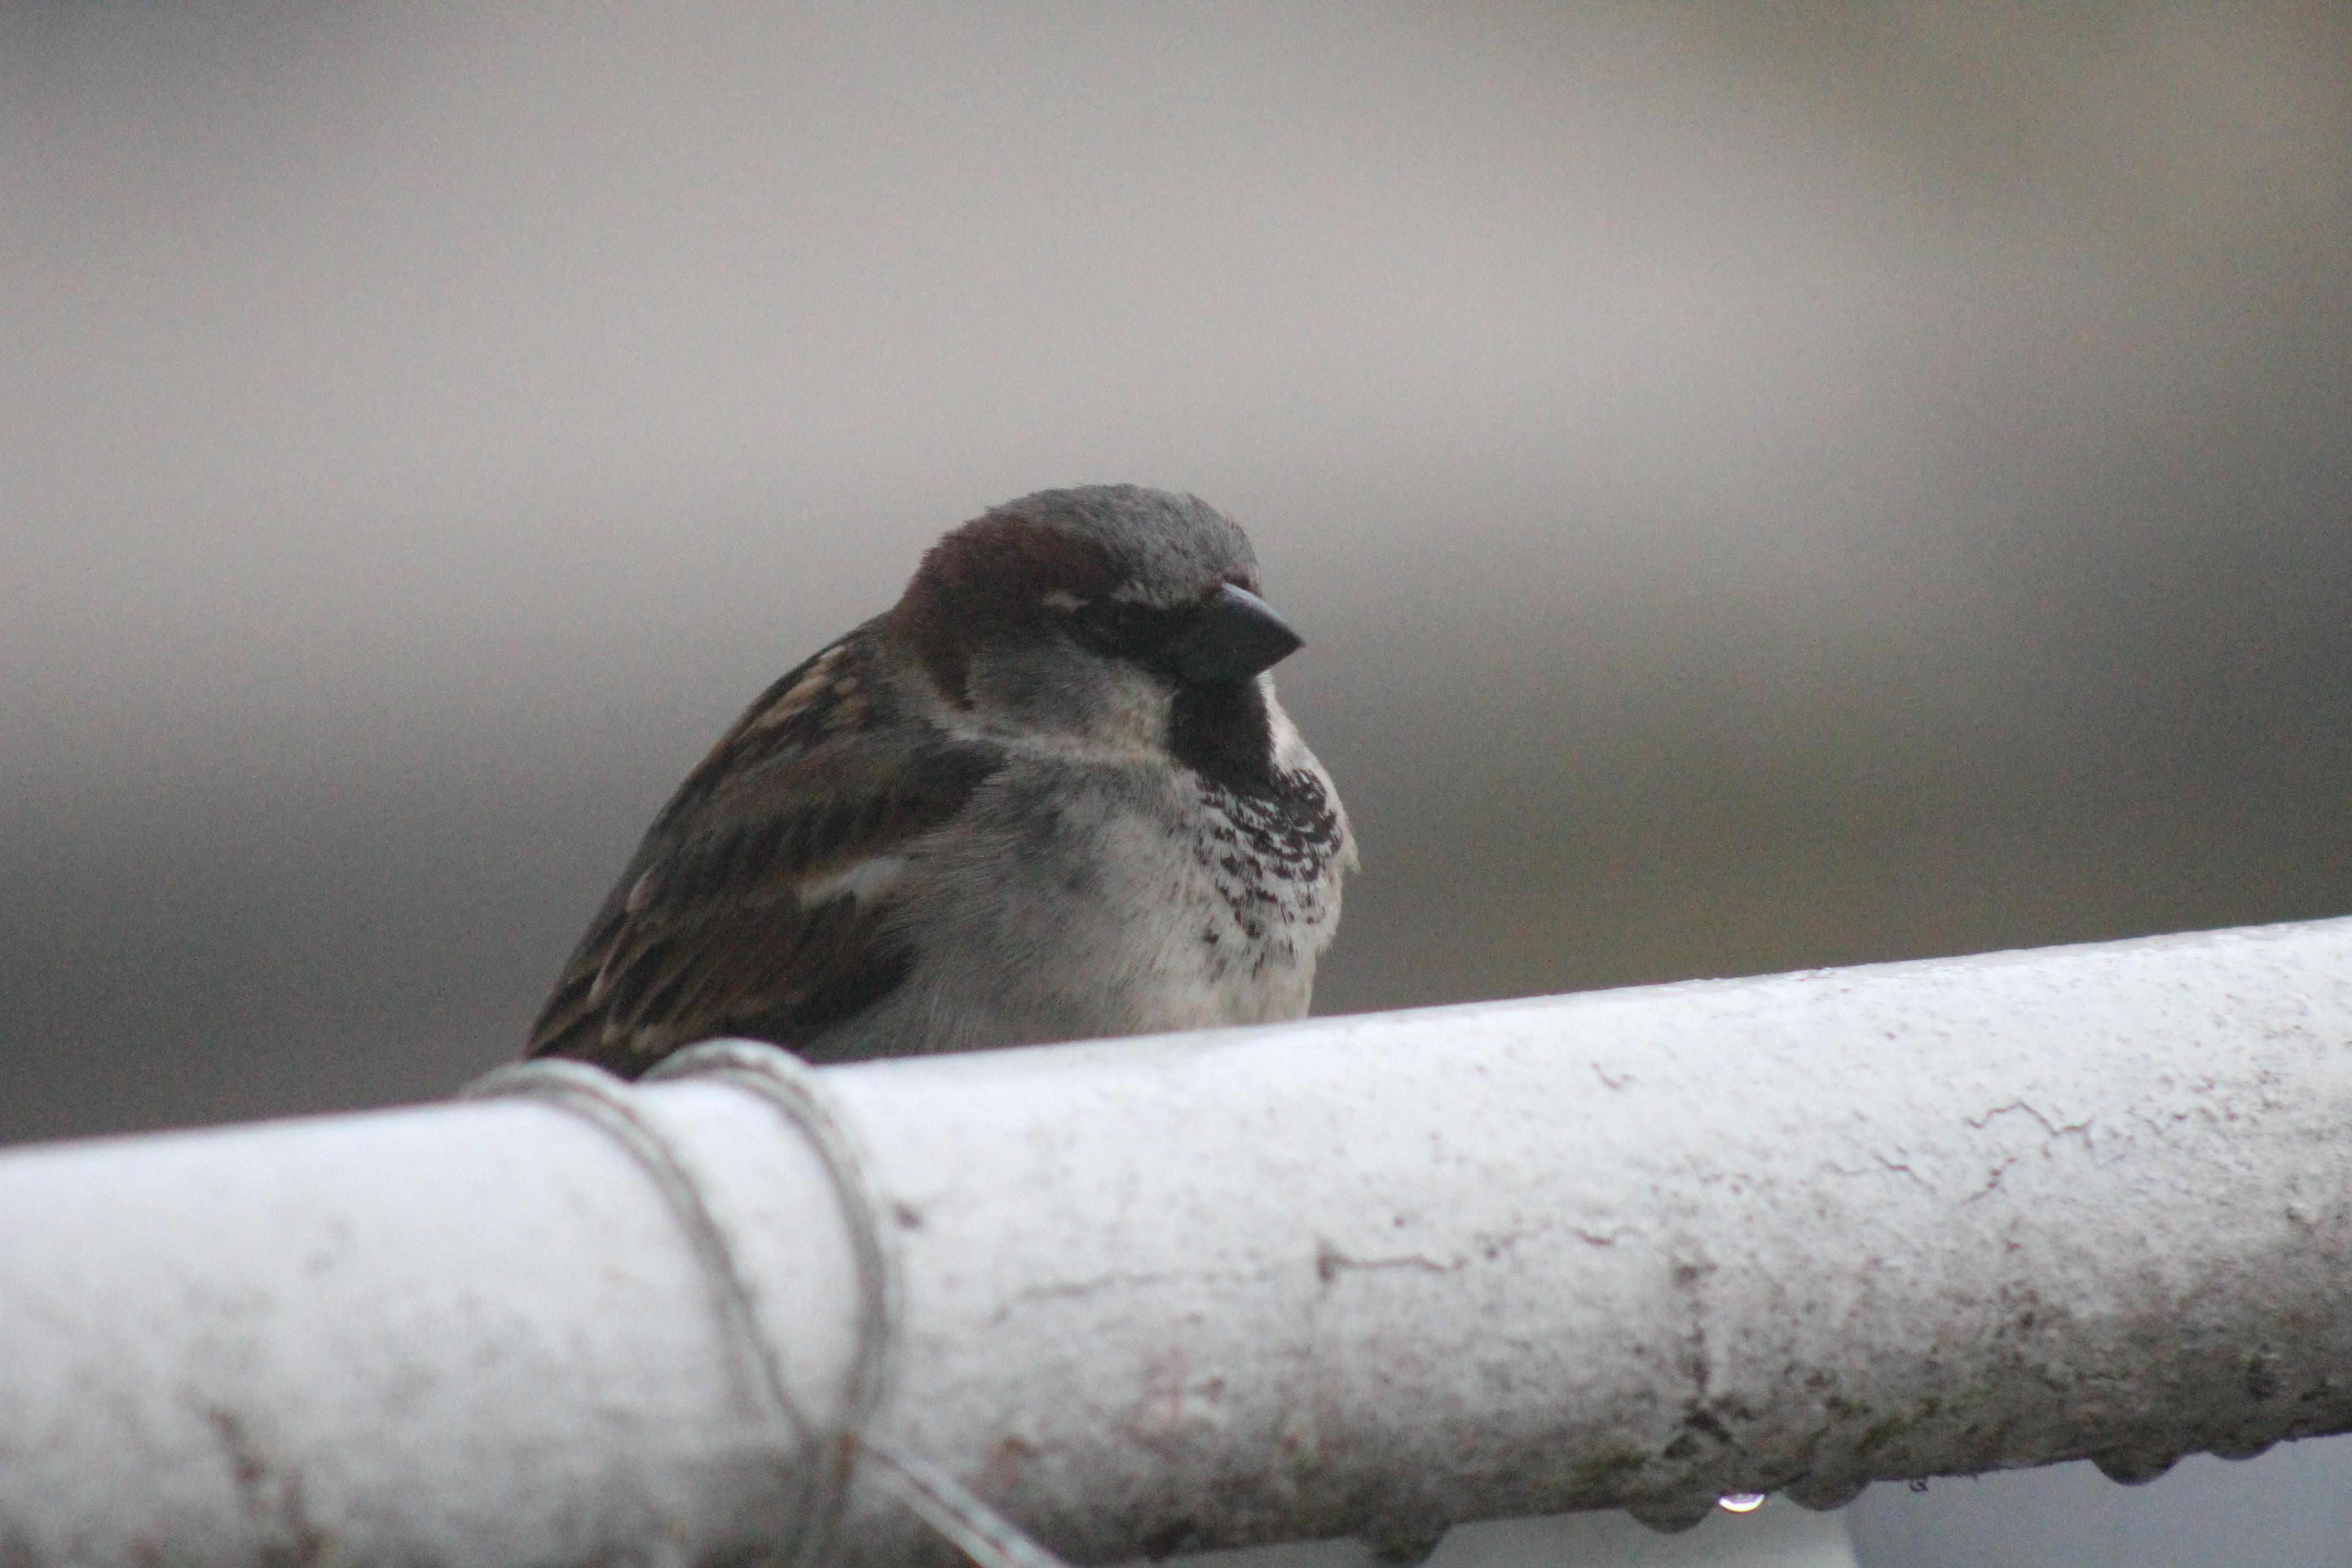 Bird sitting on a balcony railing